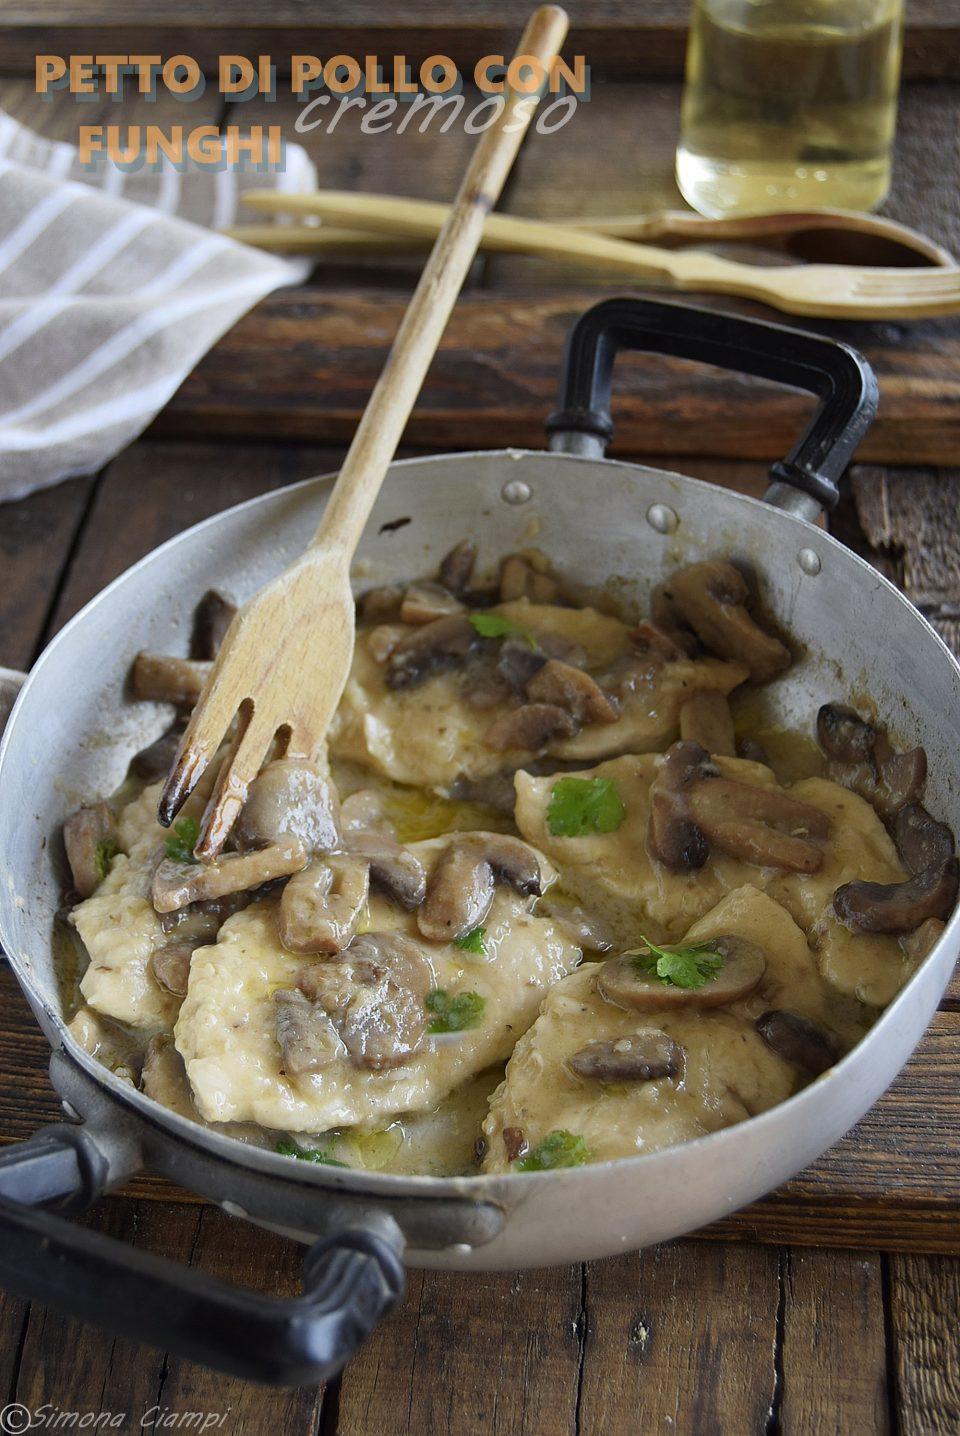 petto di pollo con funghi cremoso